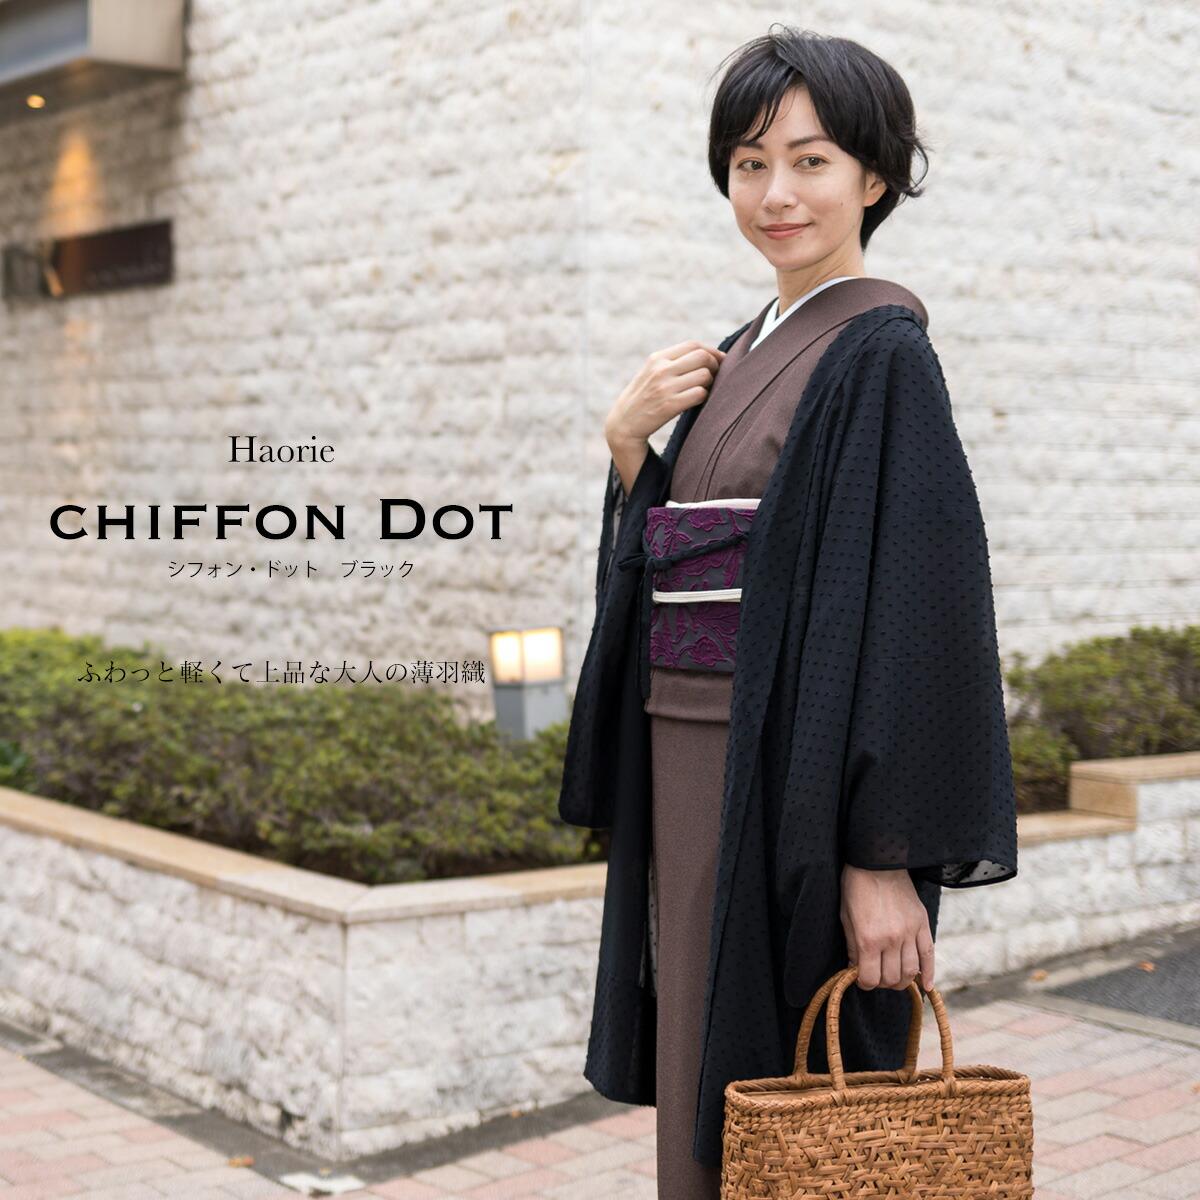 着物屋くるり 羽織 Haorie シフォンドット